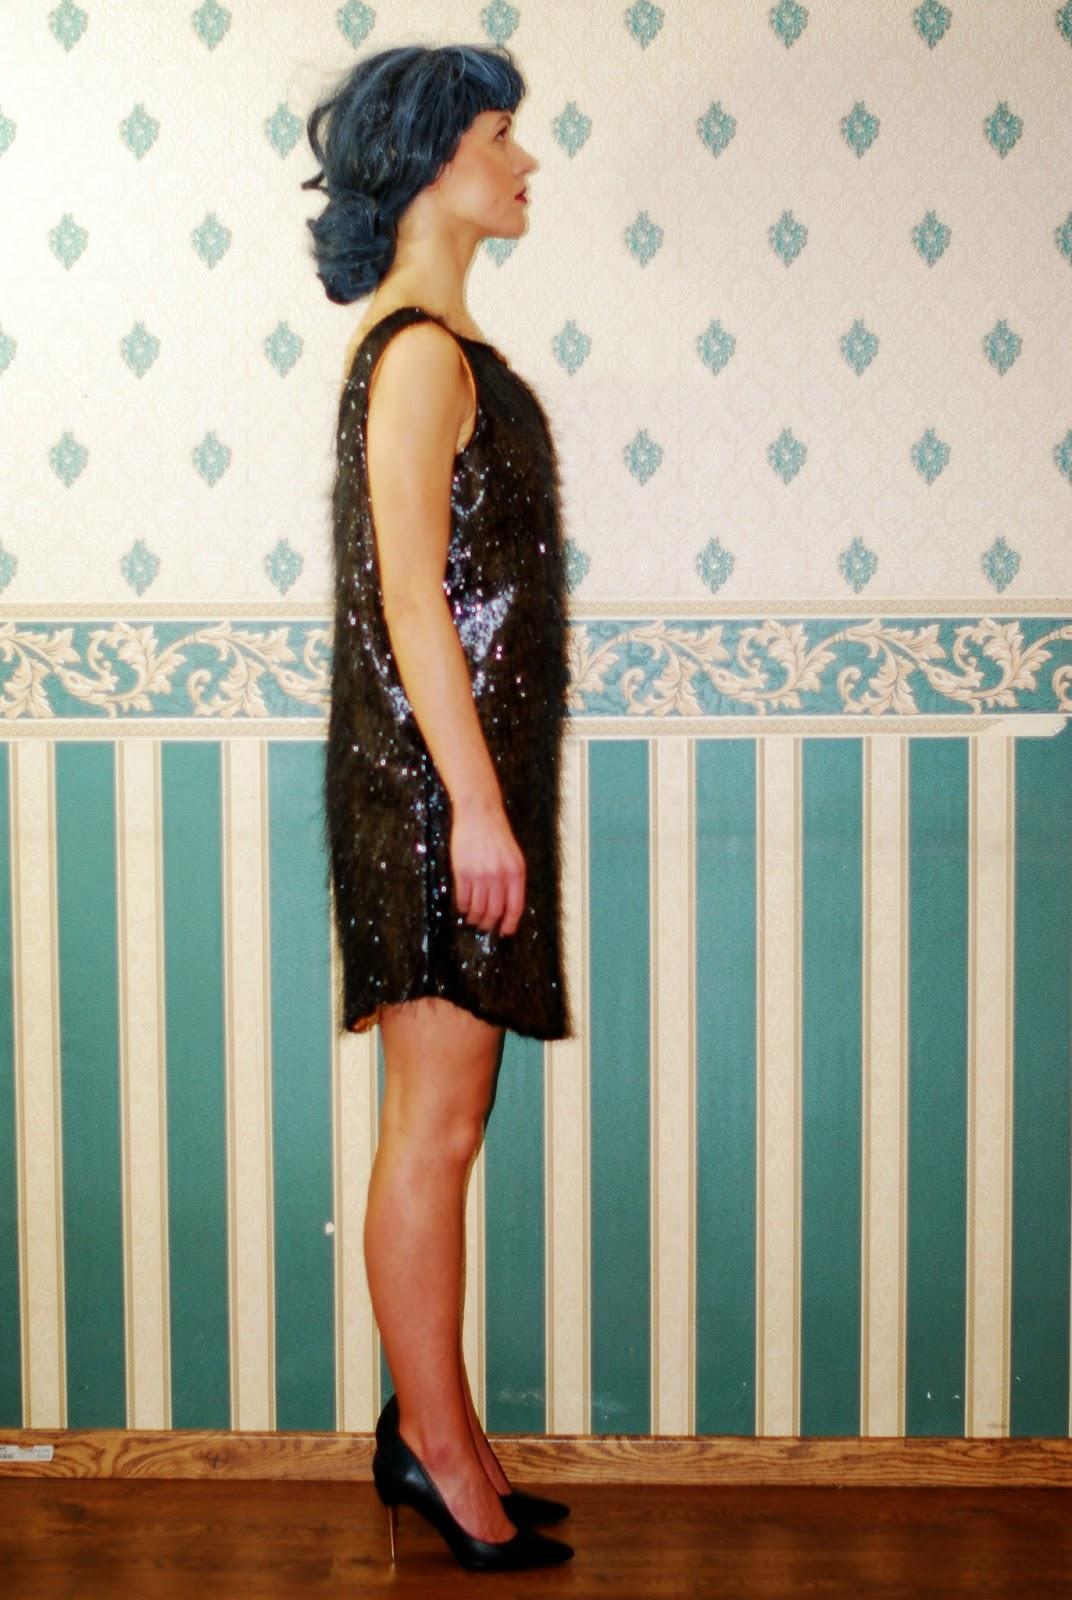 Mieniąca się sukienka, Mieniący się komplet, Cekinowa sukienka MARACHIC, cekinowe spodnie, spodnie w cekiny, sukienka na sylwestera, karnawała, karnawałowe kreacje 2015